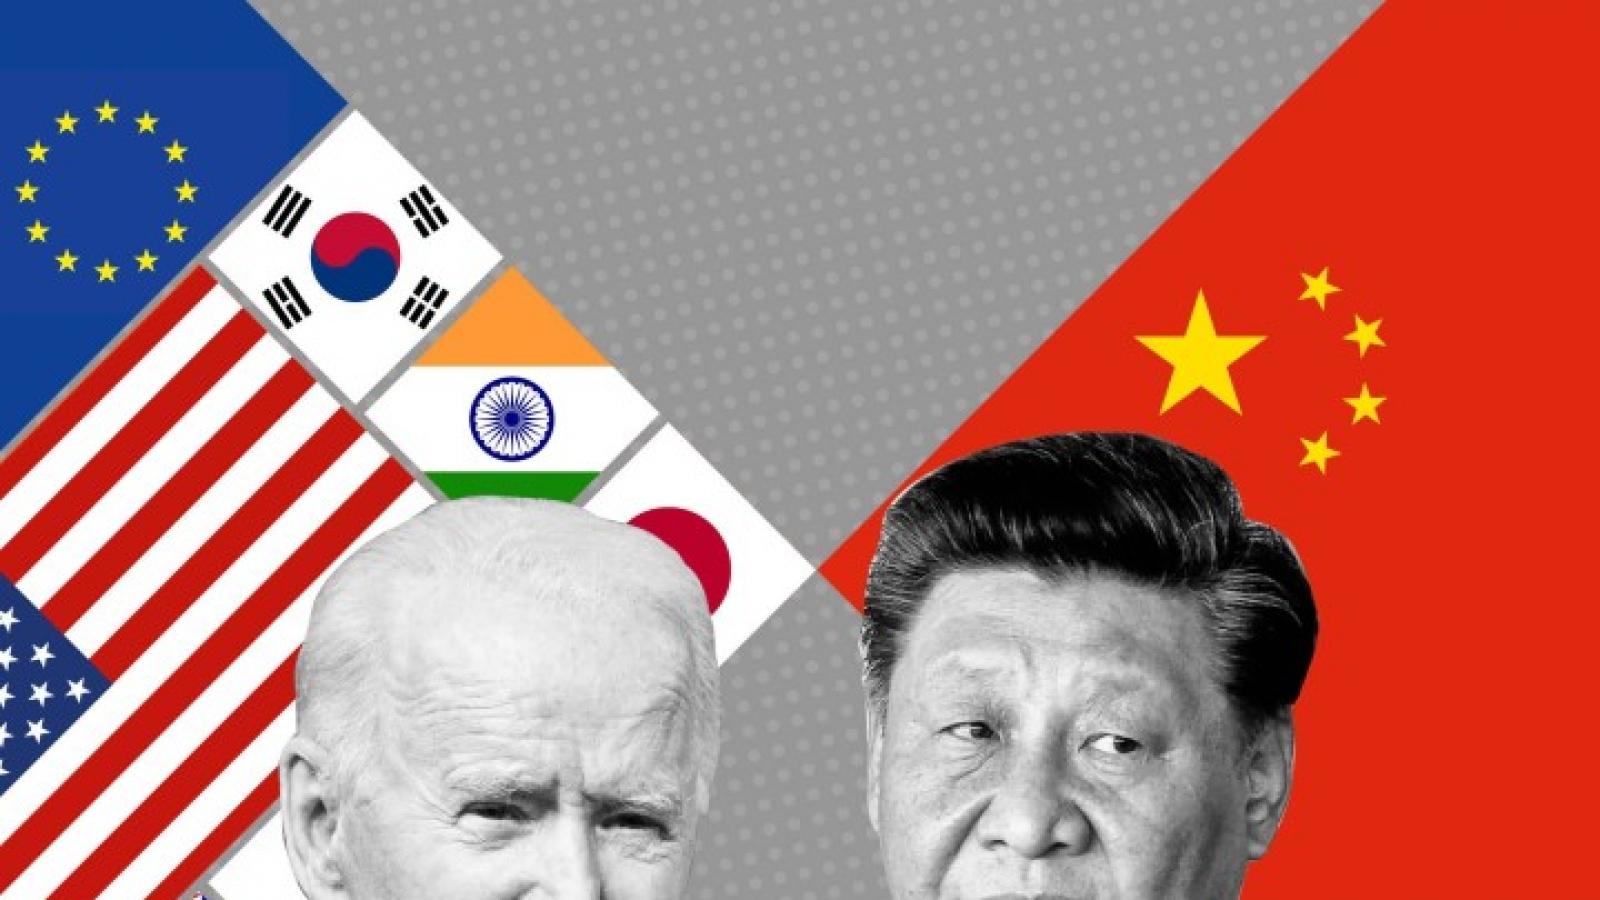 Ván cược lớn đối phó với Trung Quốc của Biden: Đồng minh liệu có đồng lòng?